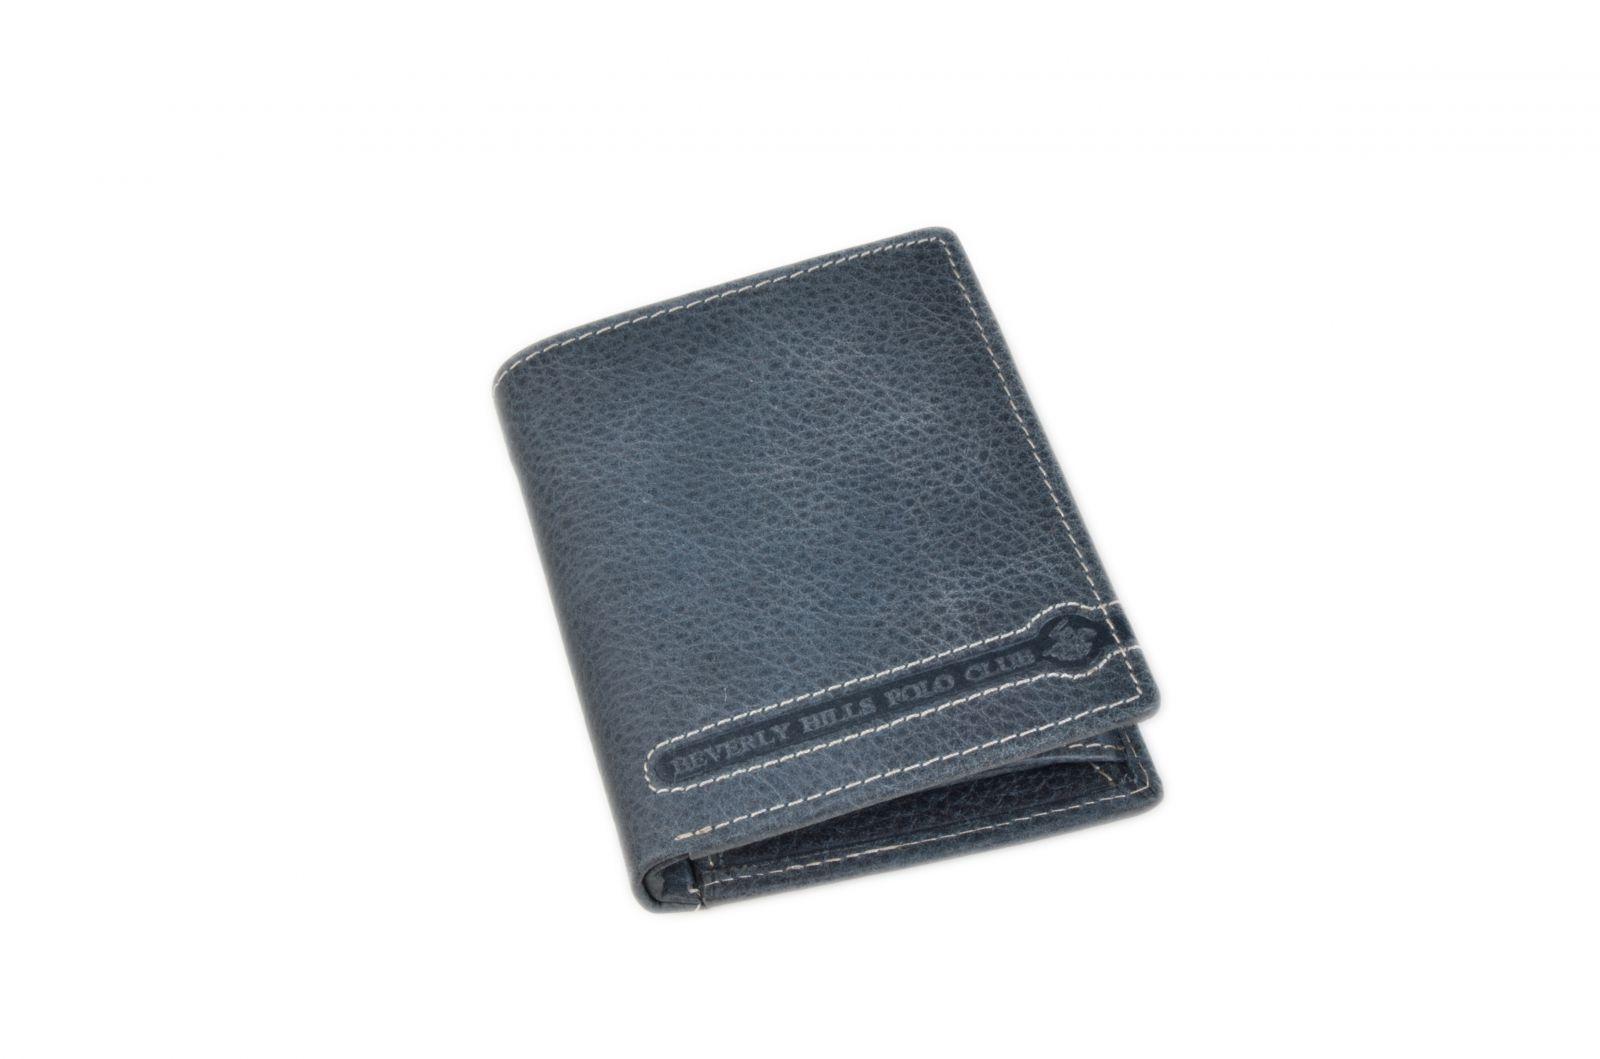 Peněženka pánská BHPC Tucson BH-396-05 modrá v krabičce